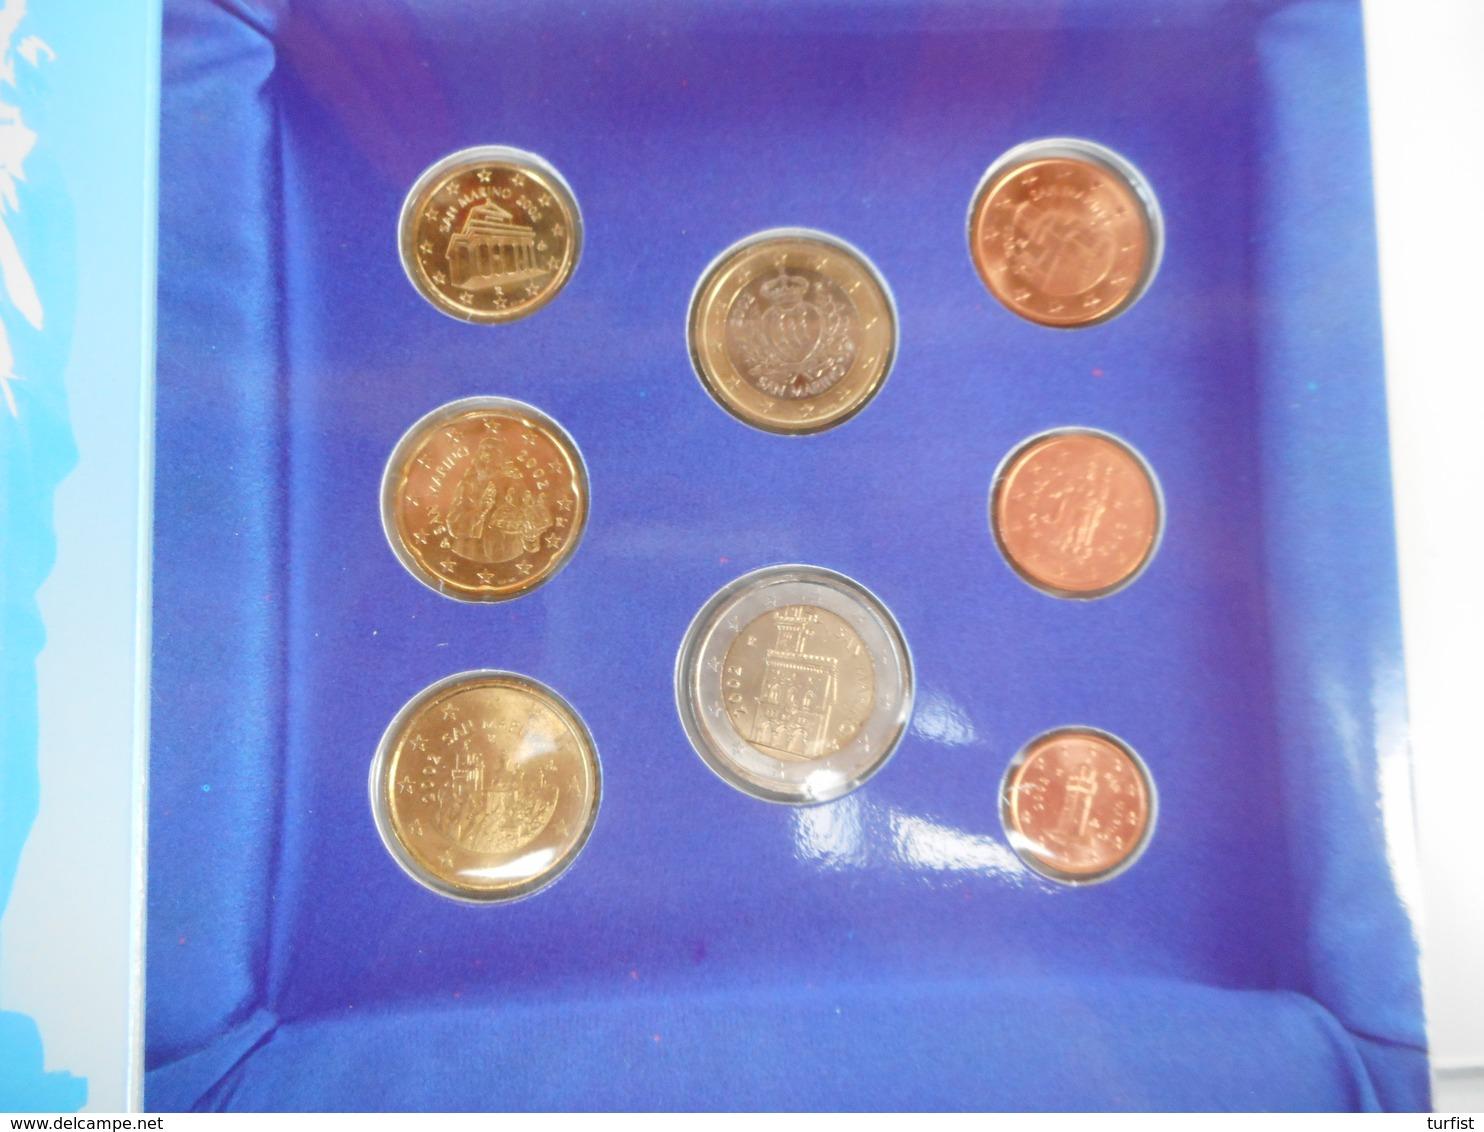 COMPLEET EUROSET 2002 SAN MARINO - San Marino